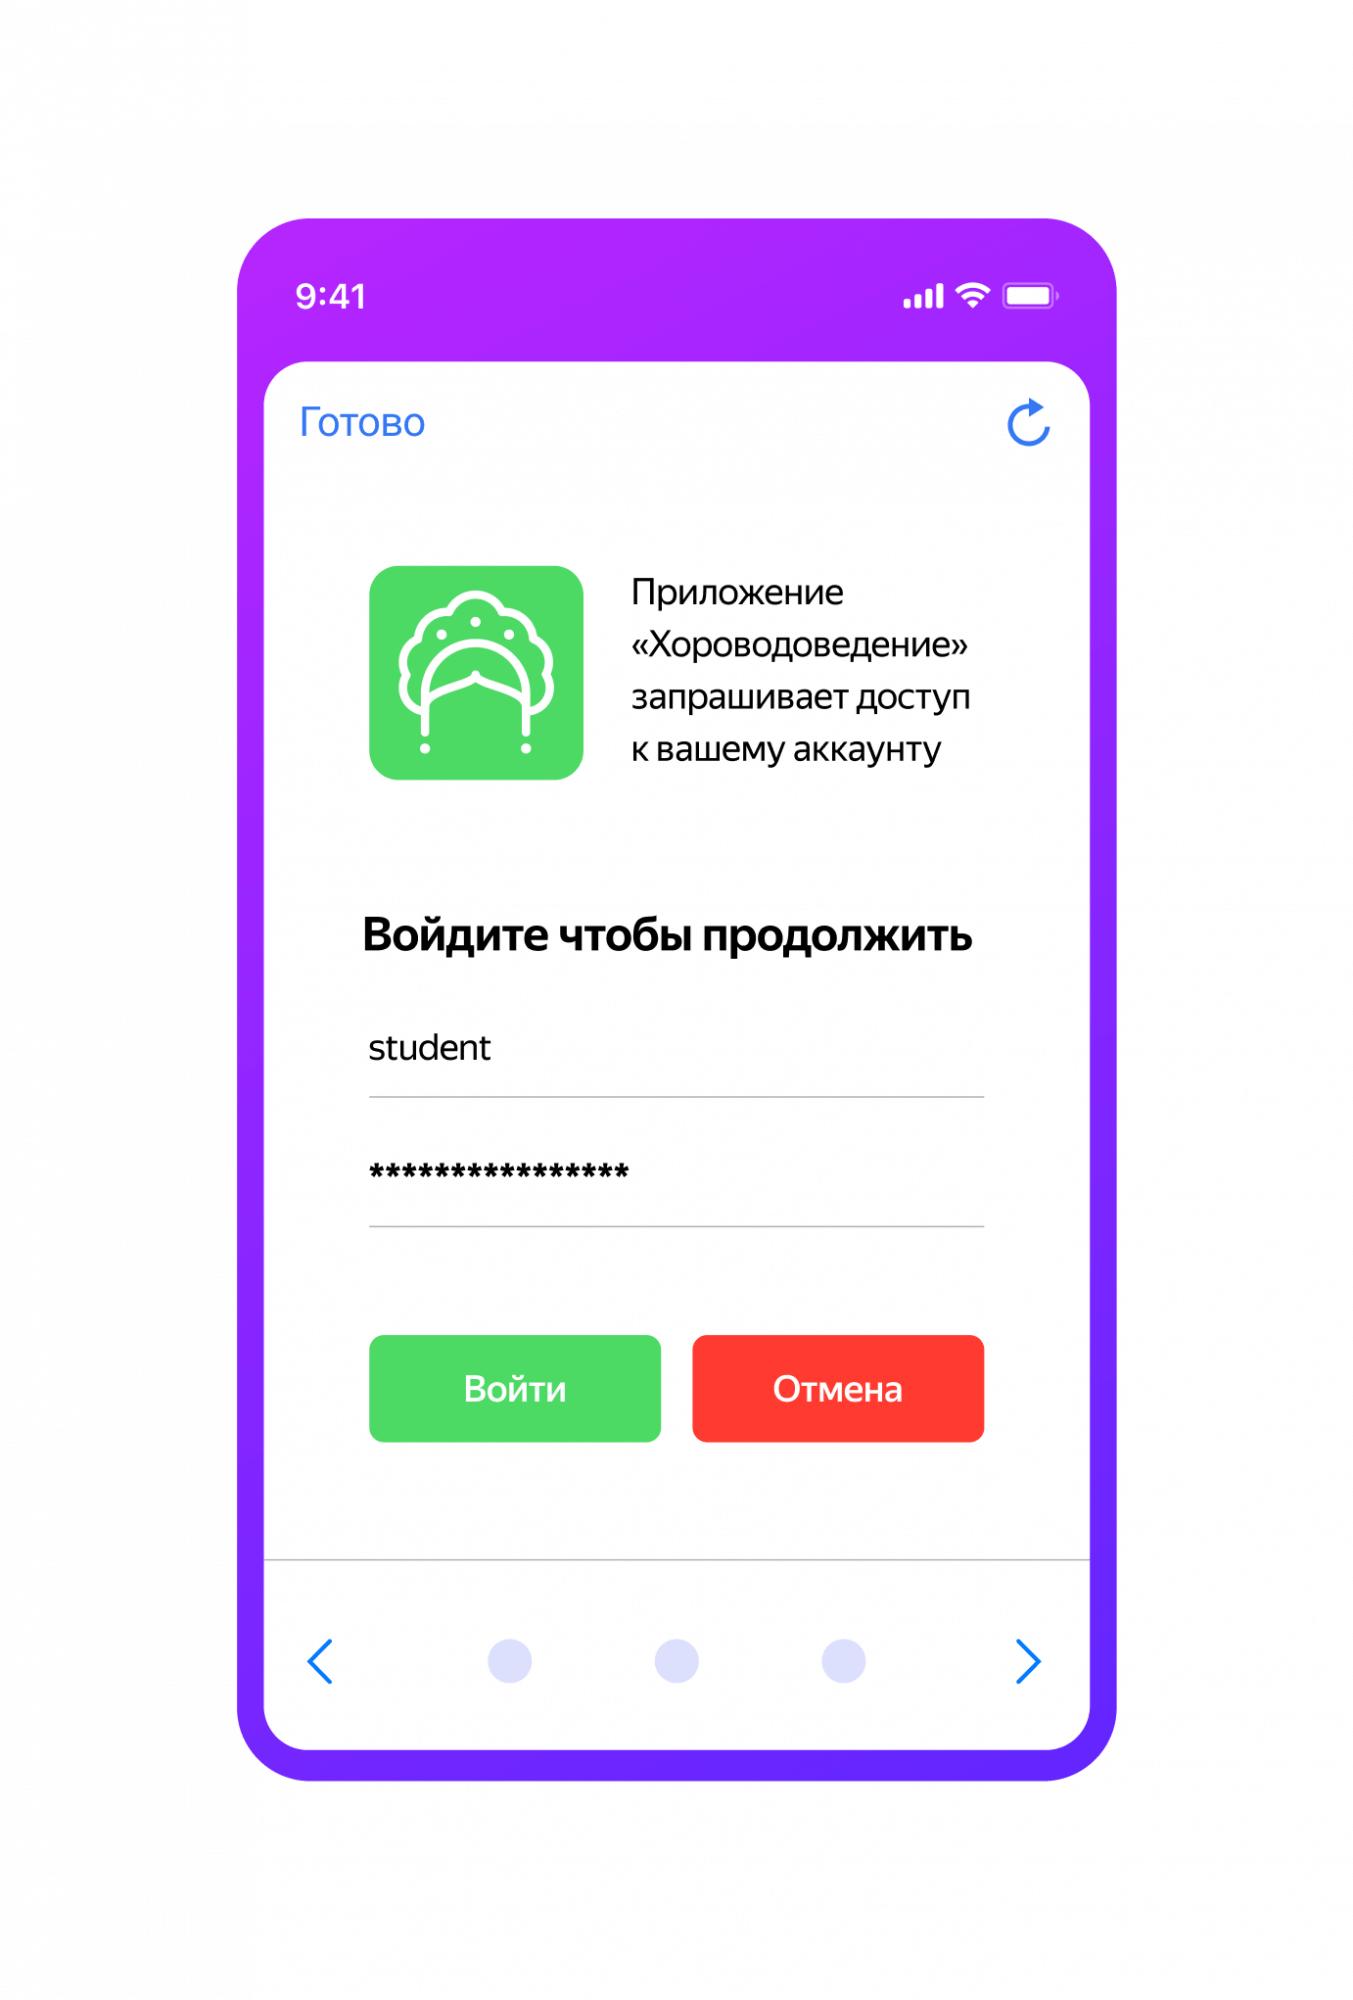 Яндекс позволил связывать аккаунты в Диалогах